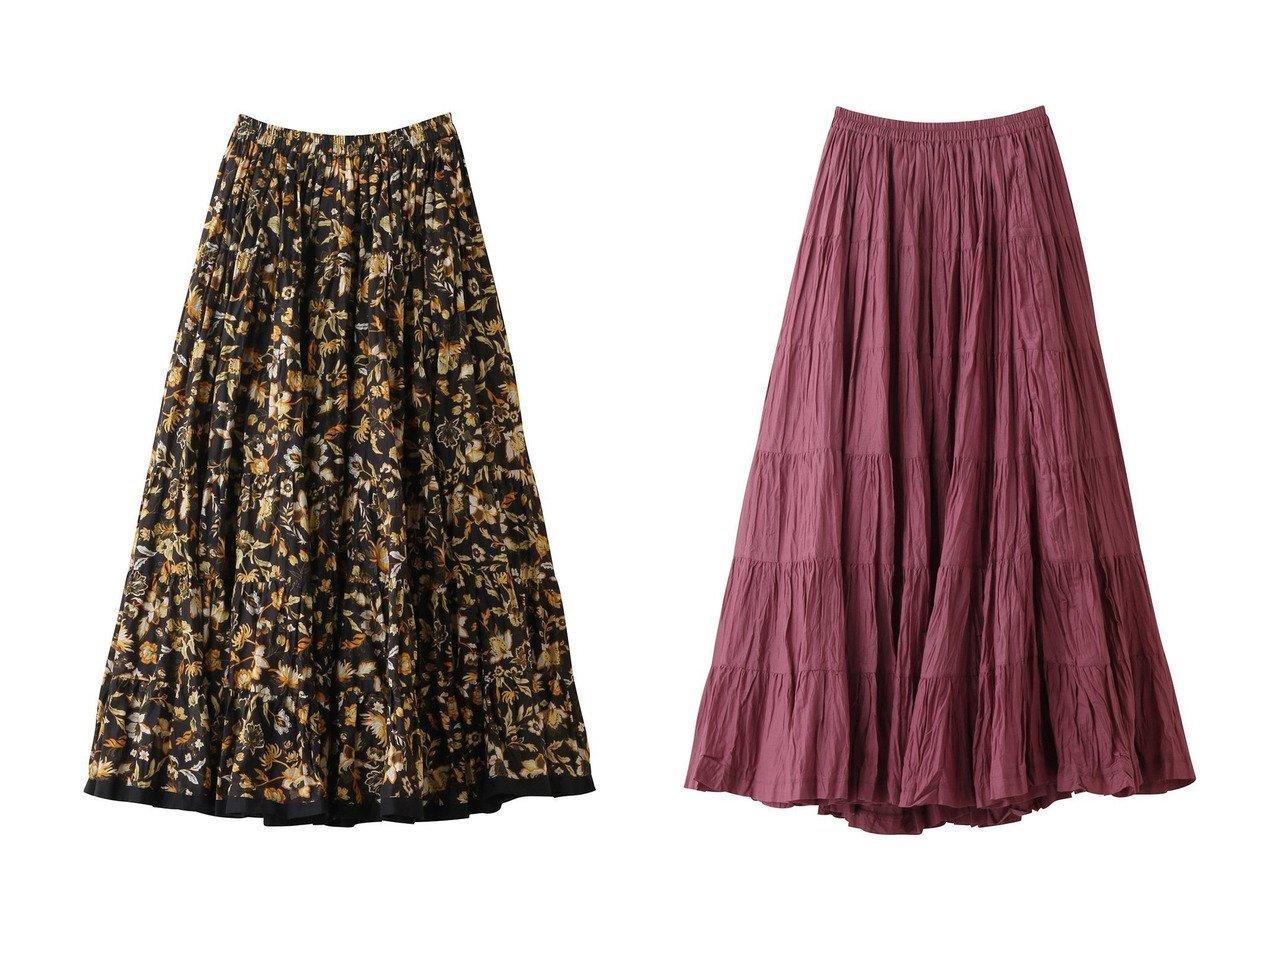 【MARIHA/マリハ】の草原の虹のスカート/Exotic Dreams&草原の虹のスカート 【スカート】おすすめ!人気、トレンド・レディースファッションの通販 おすすめで人気の流行・トレンド、ファッションの通販商品 インテリア・家具・メンズファッション・キッズファッション・レディースファッション・服の通販 founy(ファニー) https://founy.com/ ファッション Fashion レディースファッション WOMEN スカート Skirt ロングスカート Long Skirt 2020年 2020 2020-2021秋冬・A/W AW・Autumn/Winter・FW・Fall-Winter/2020-2021 2021年 2021 2021-2022秋冬・A/W AW・Autumn/Winter・FW・Fall-Winter・2021-2022 A/W・秋冬 AW・Autumn/Winter・FW・Fall-Winter シンプル リラックス ロング |ID:crp329100000056323